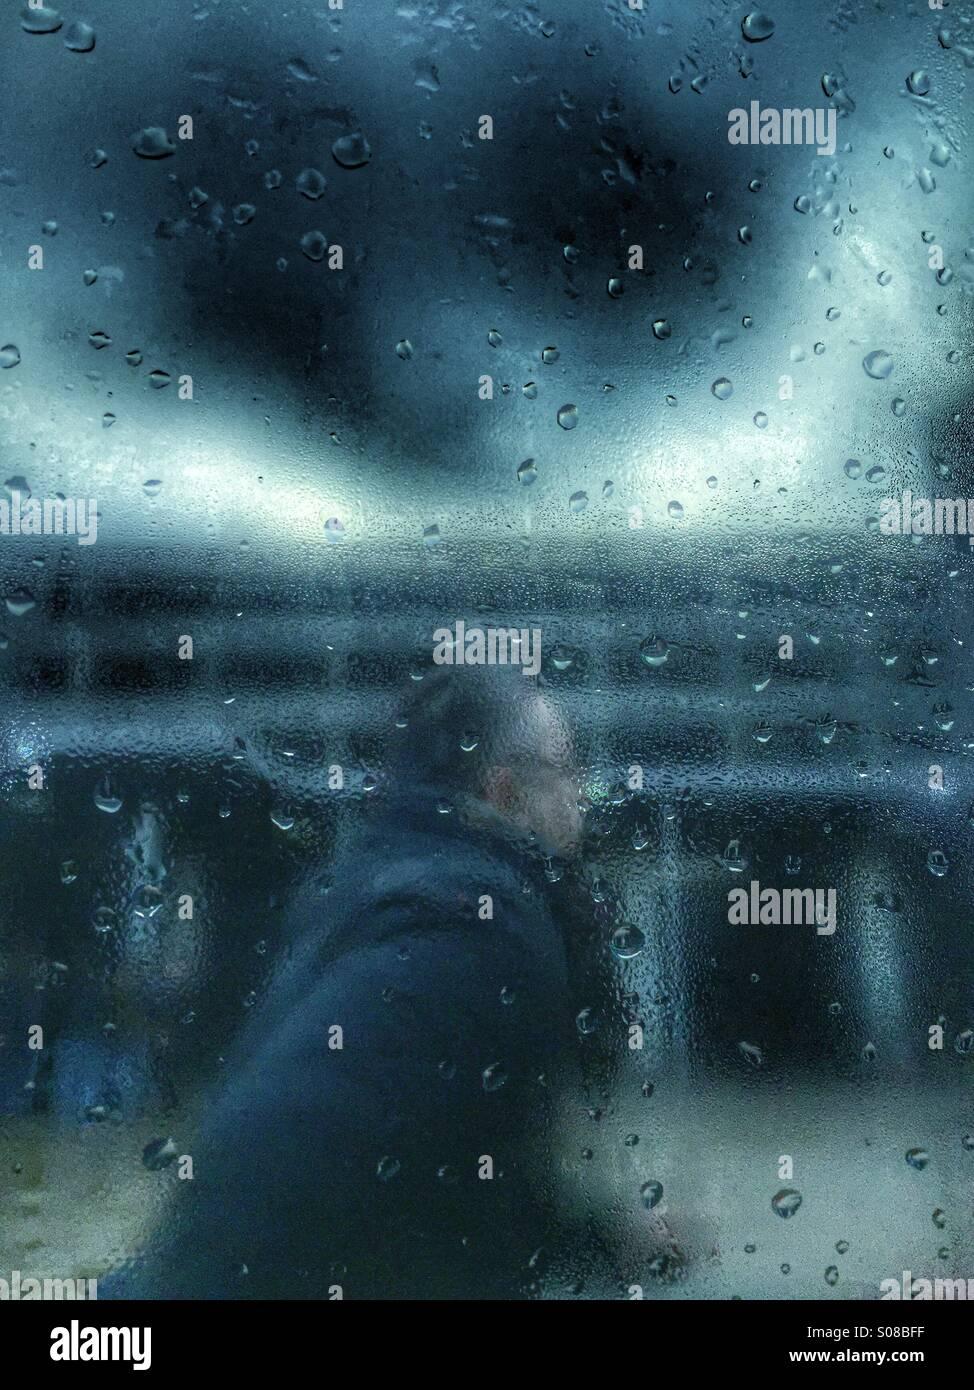 Hombre corriendo en la lluvia Imagen De Stock